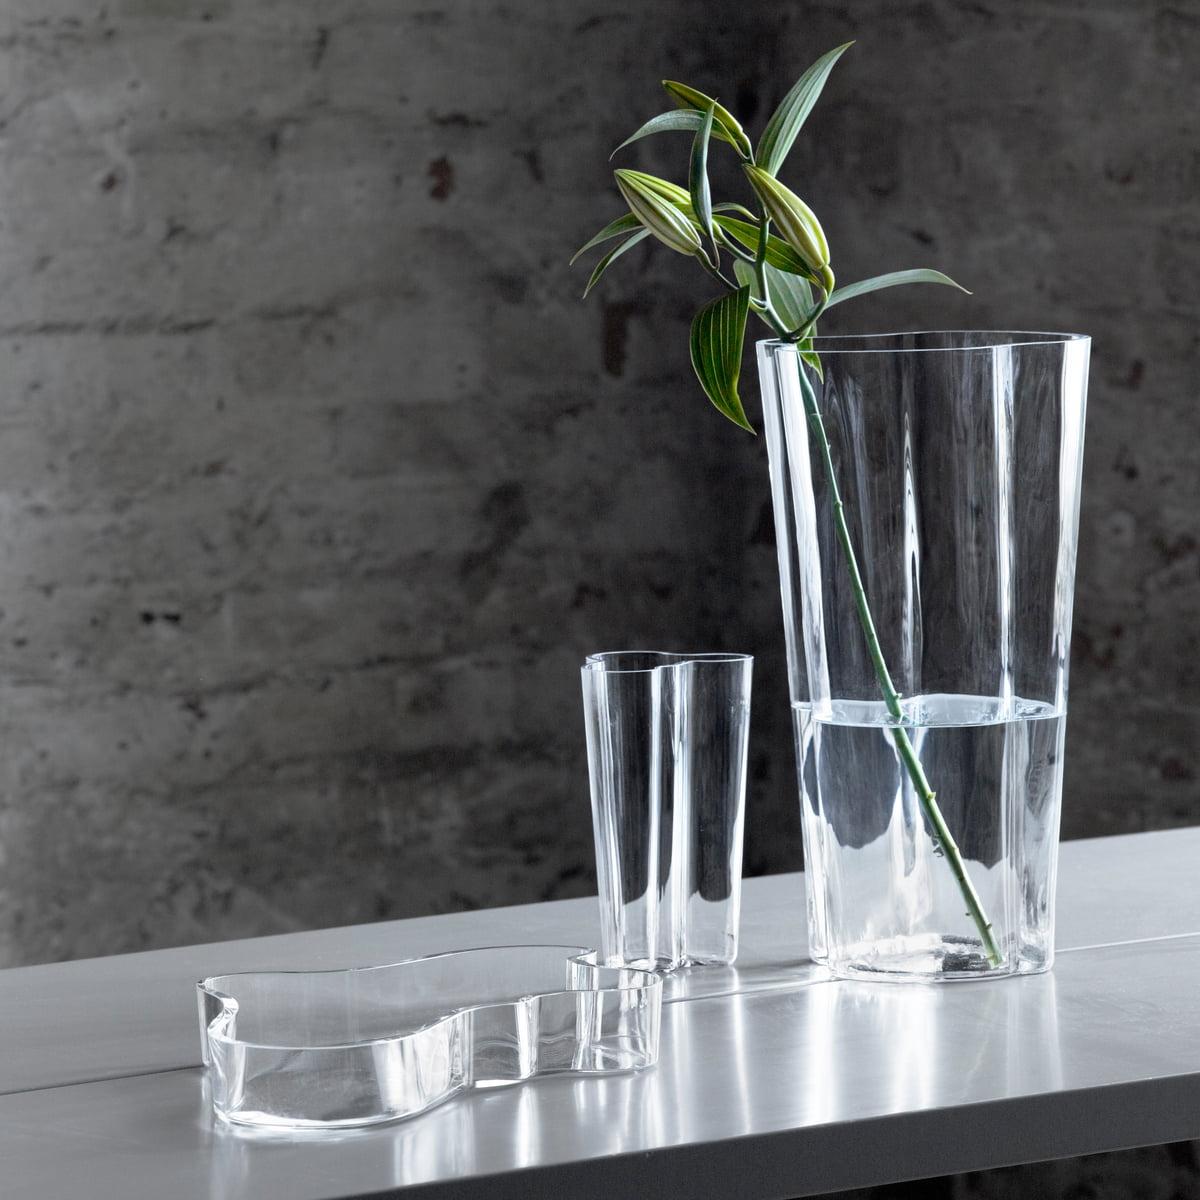 Aalto Vase Savoy By Alvar Aalto From Iittala